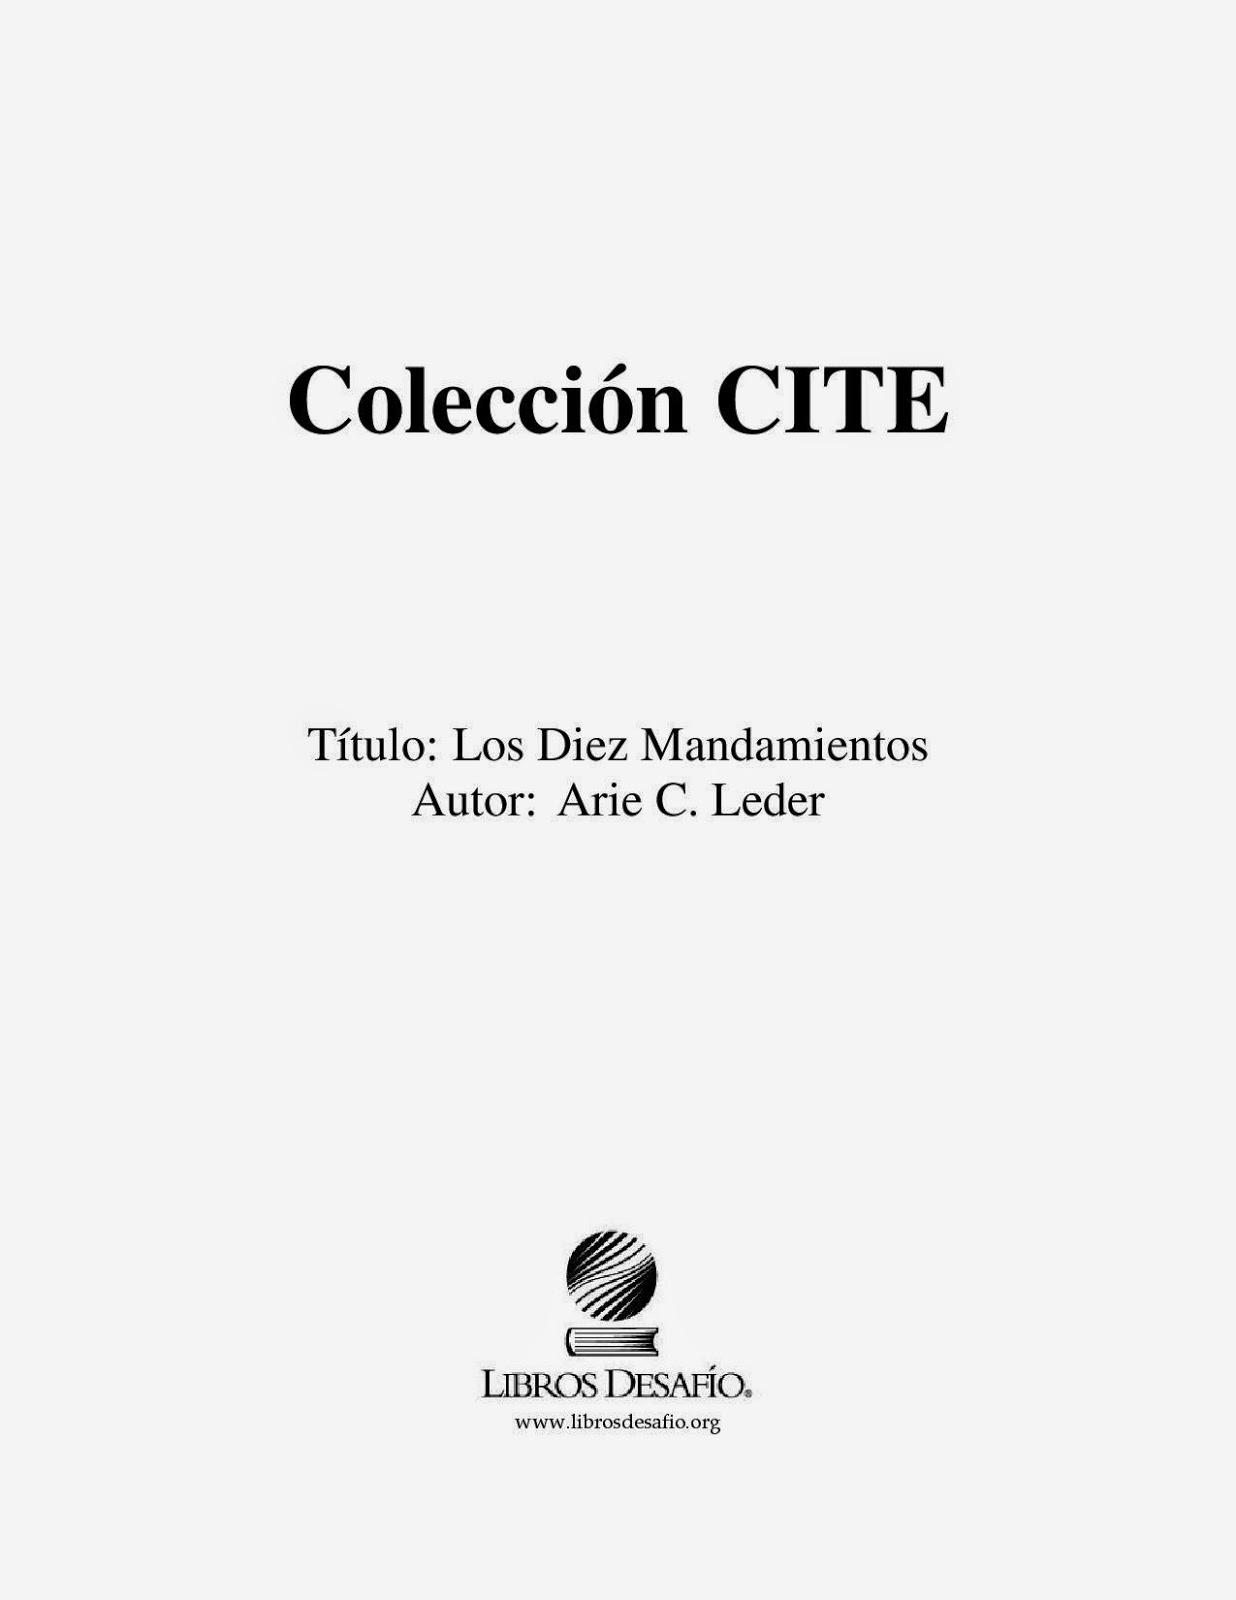 Arie C. Leder-Los Diez Mandamientos-